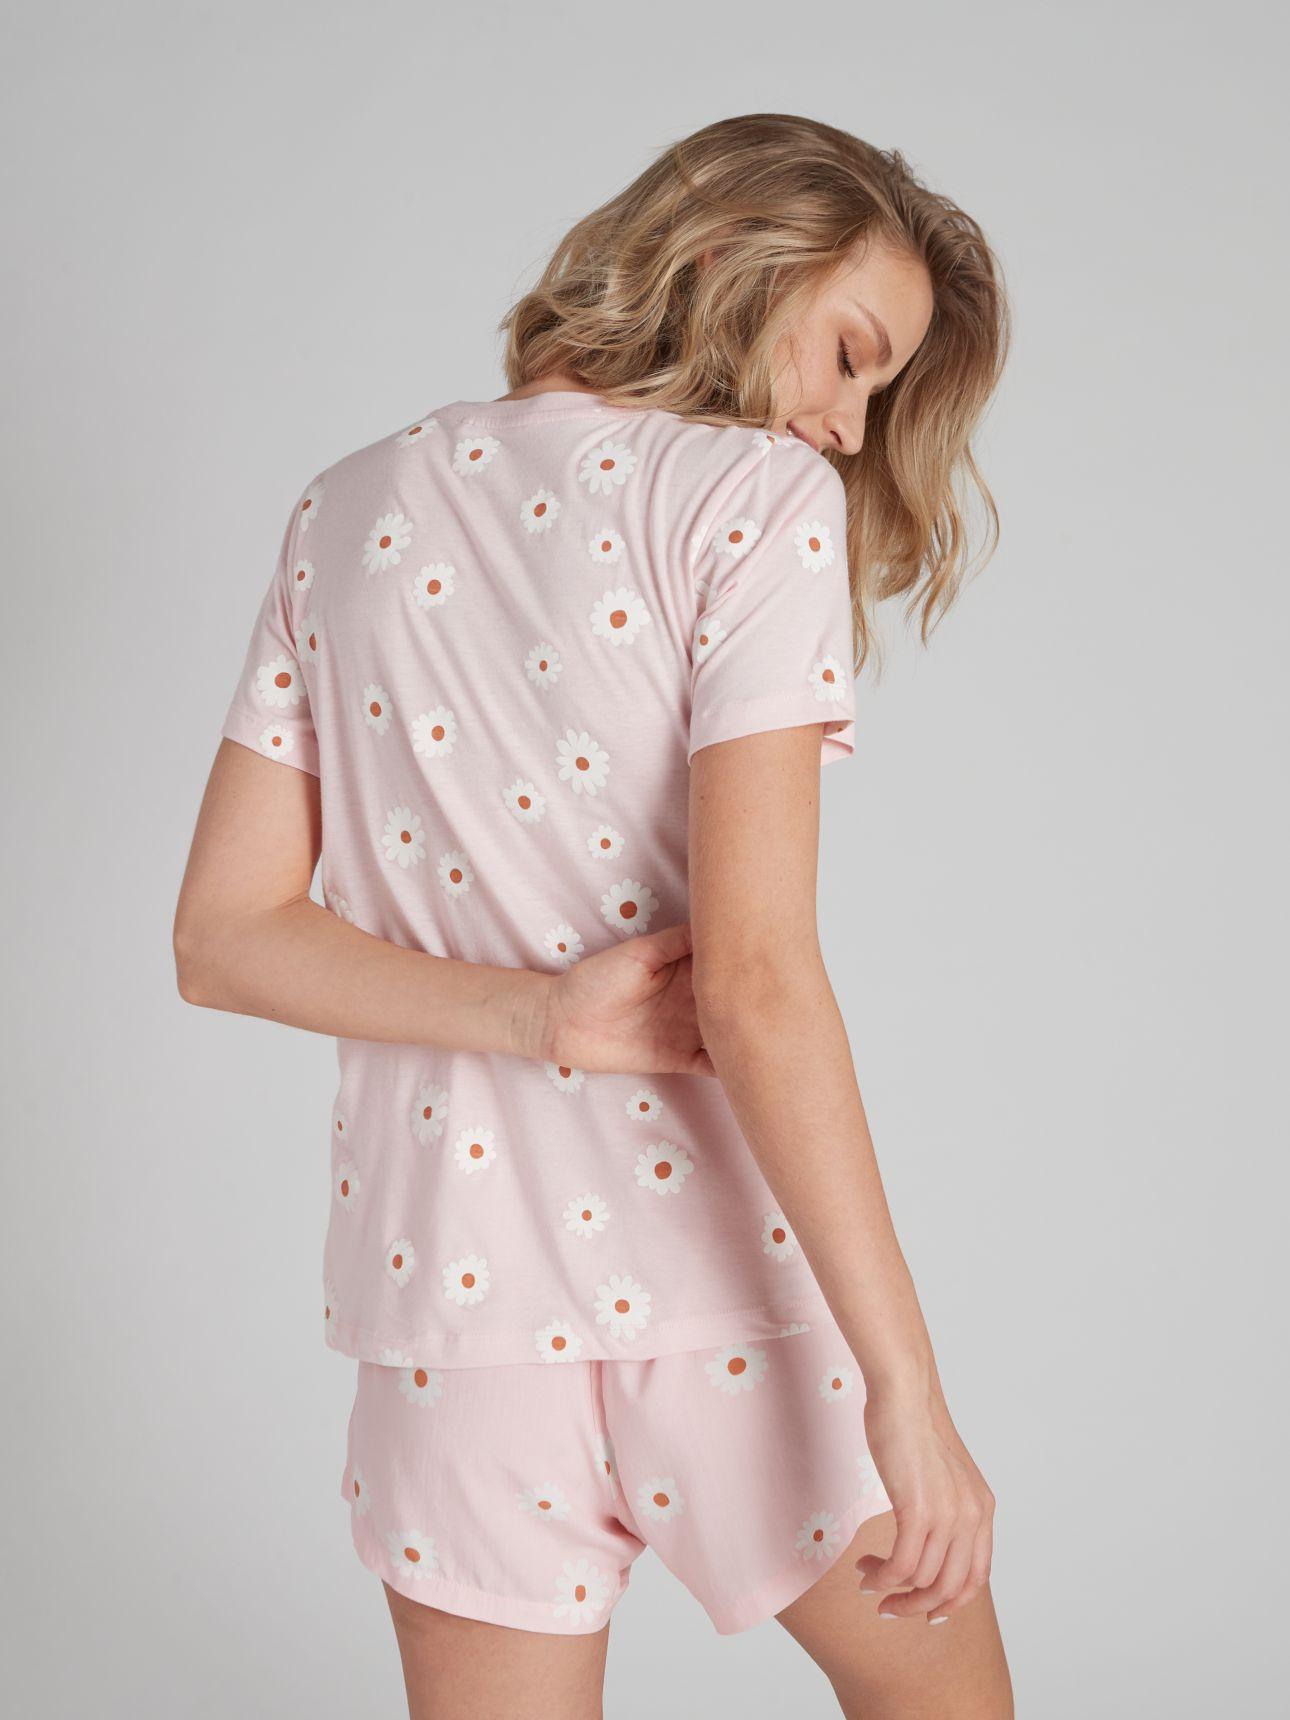 מכנסיים קצרים מודפסים RETRO FUN בצבע ורוד בהיר